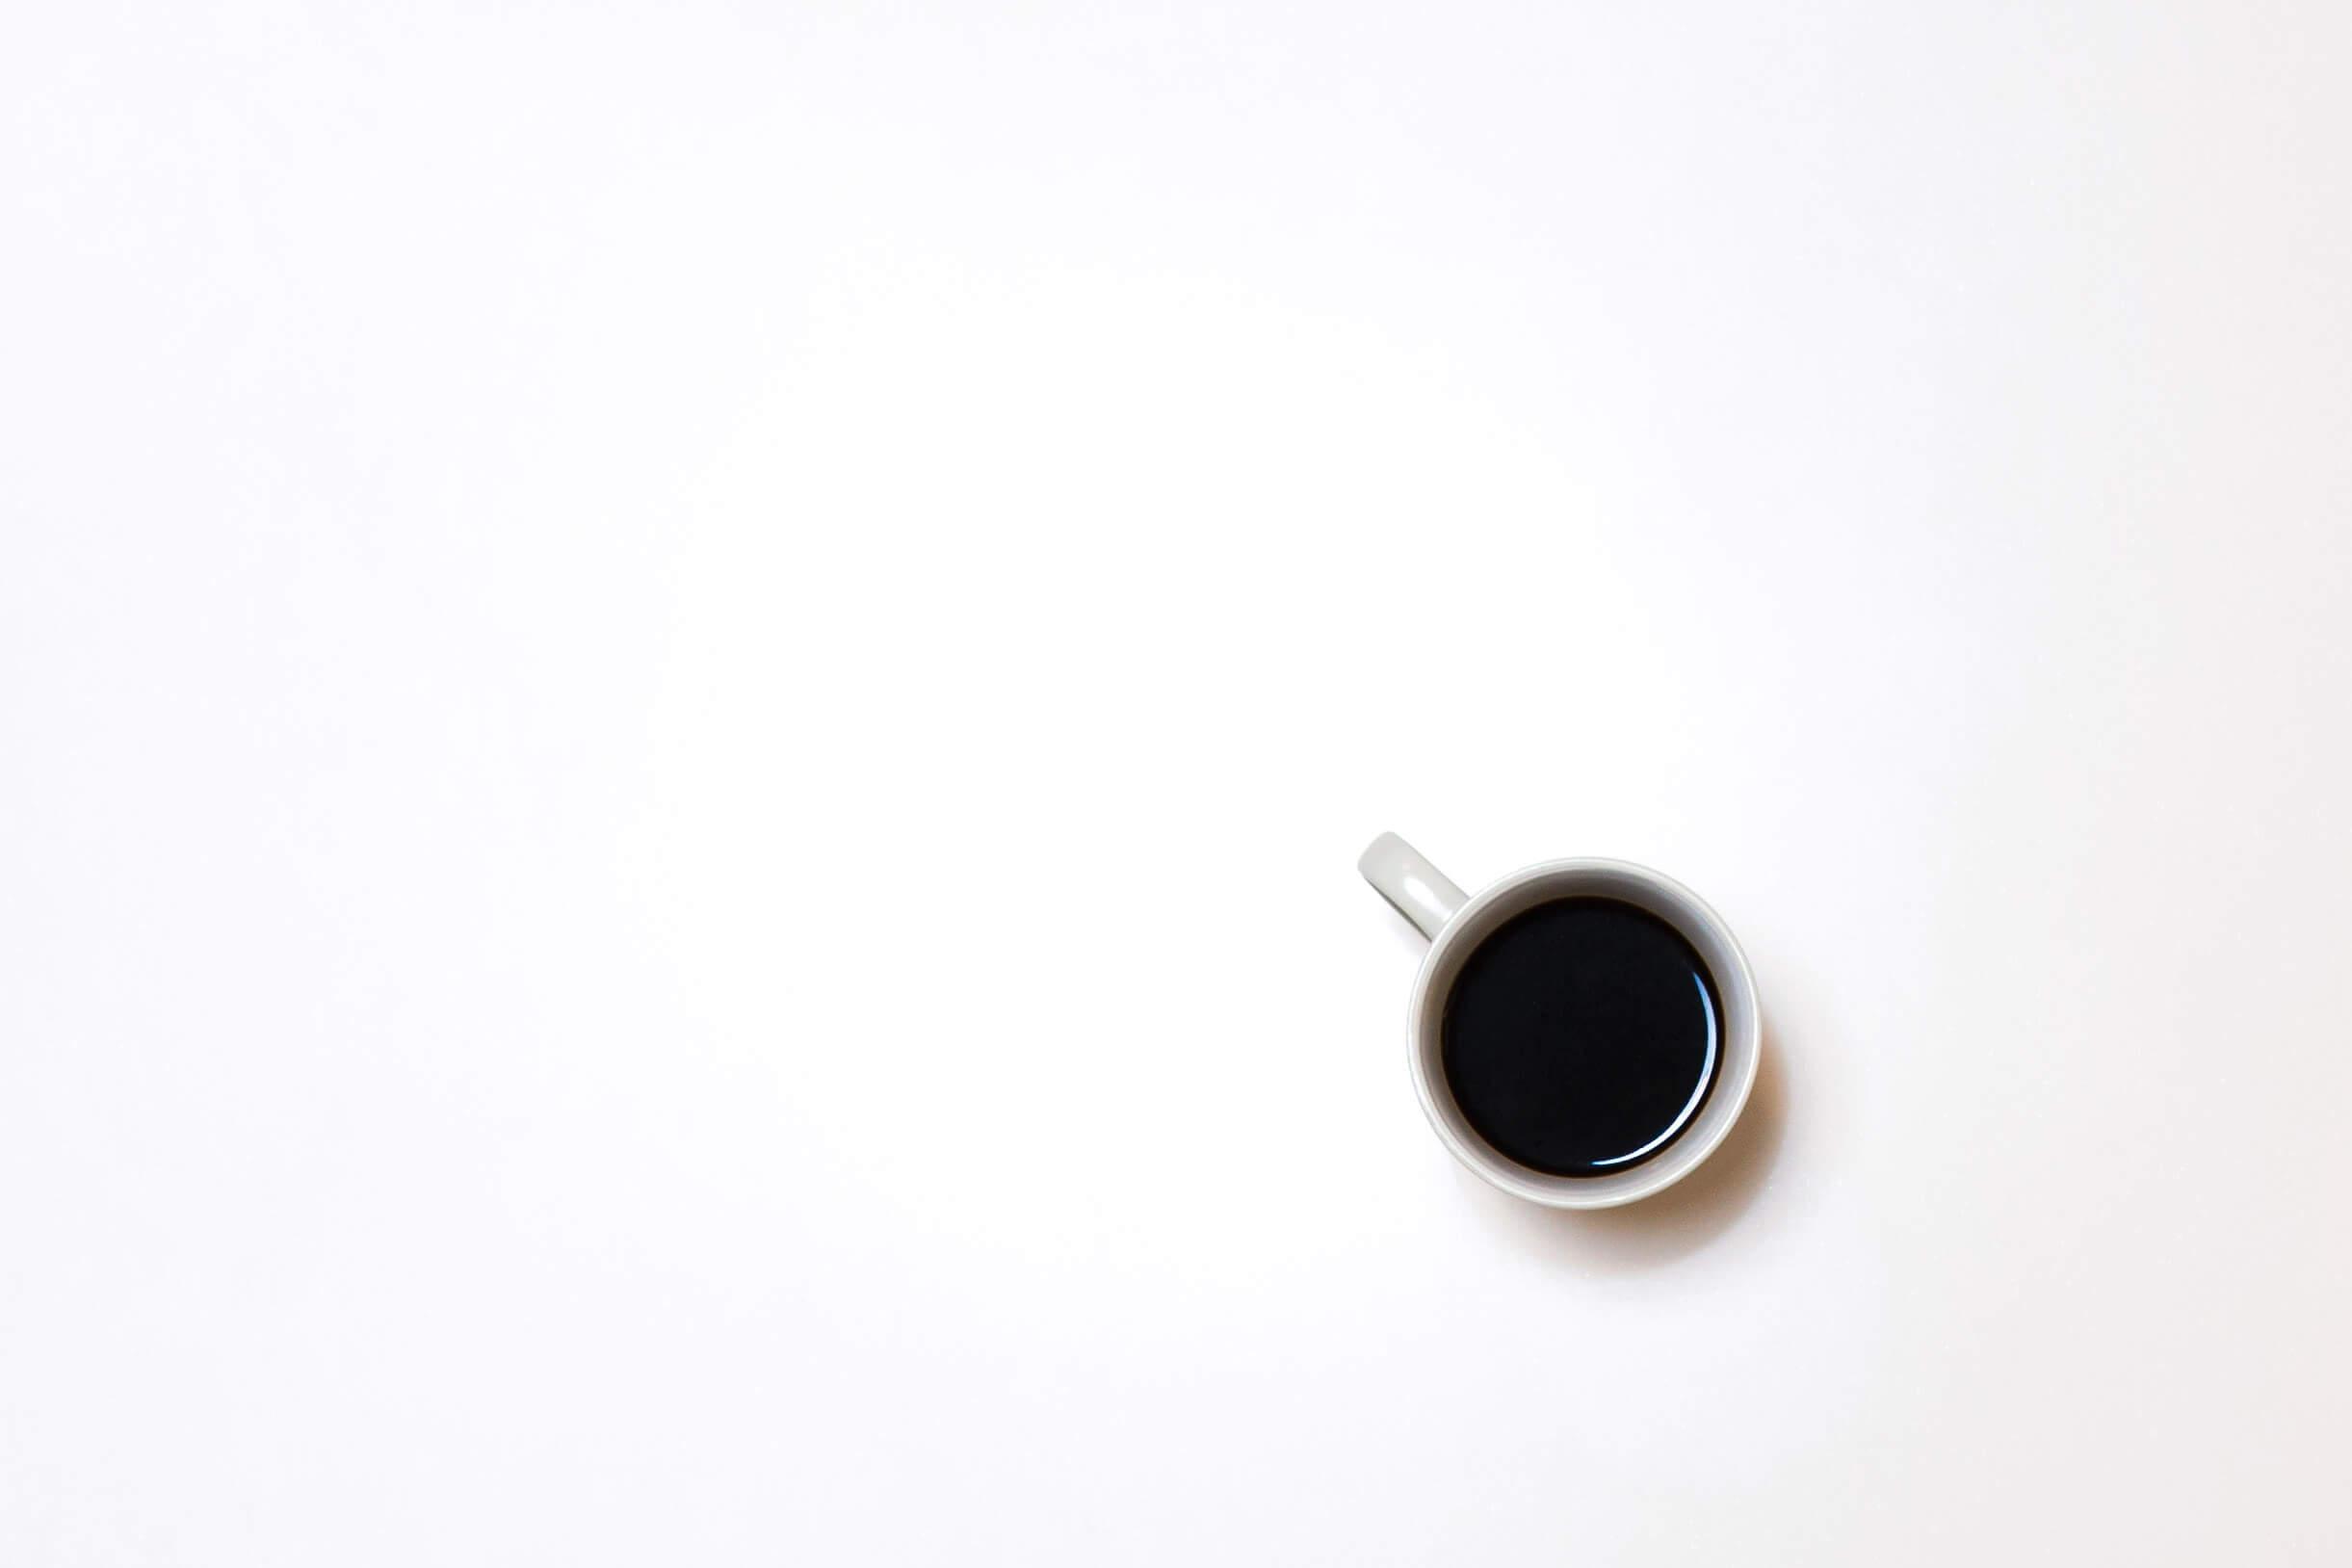 Minimalism Simple Coffee Mug Cup